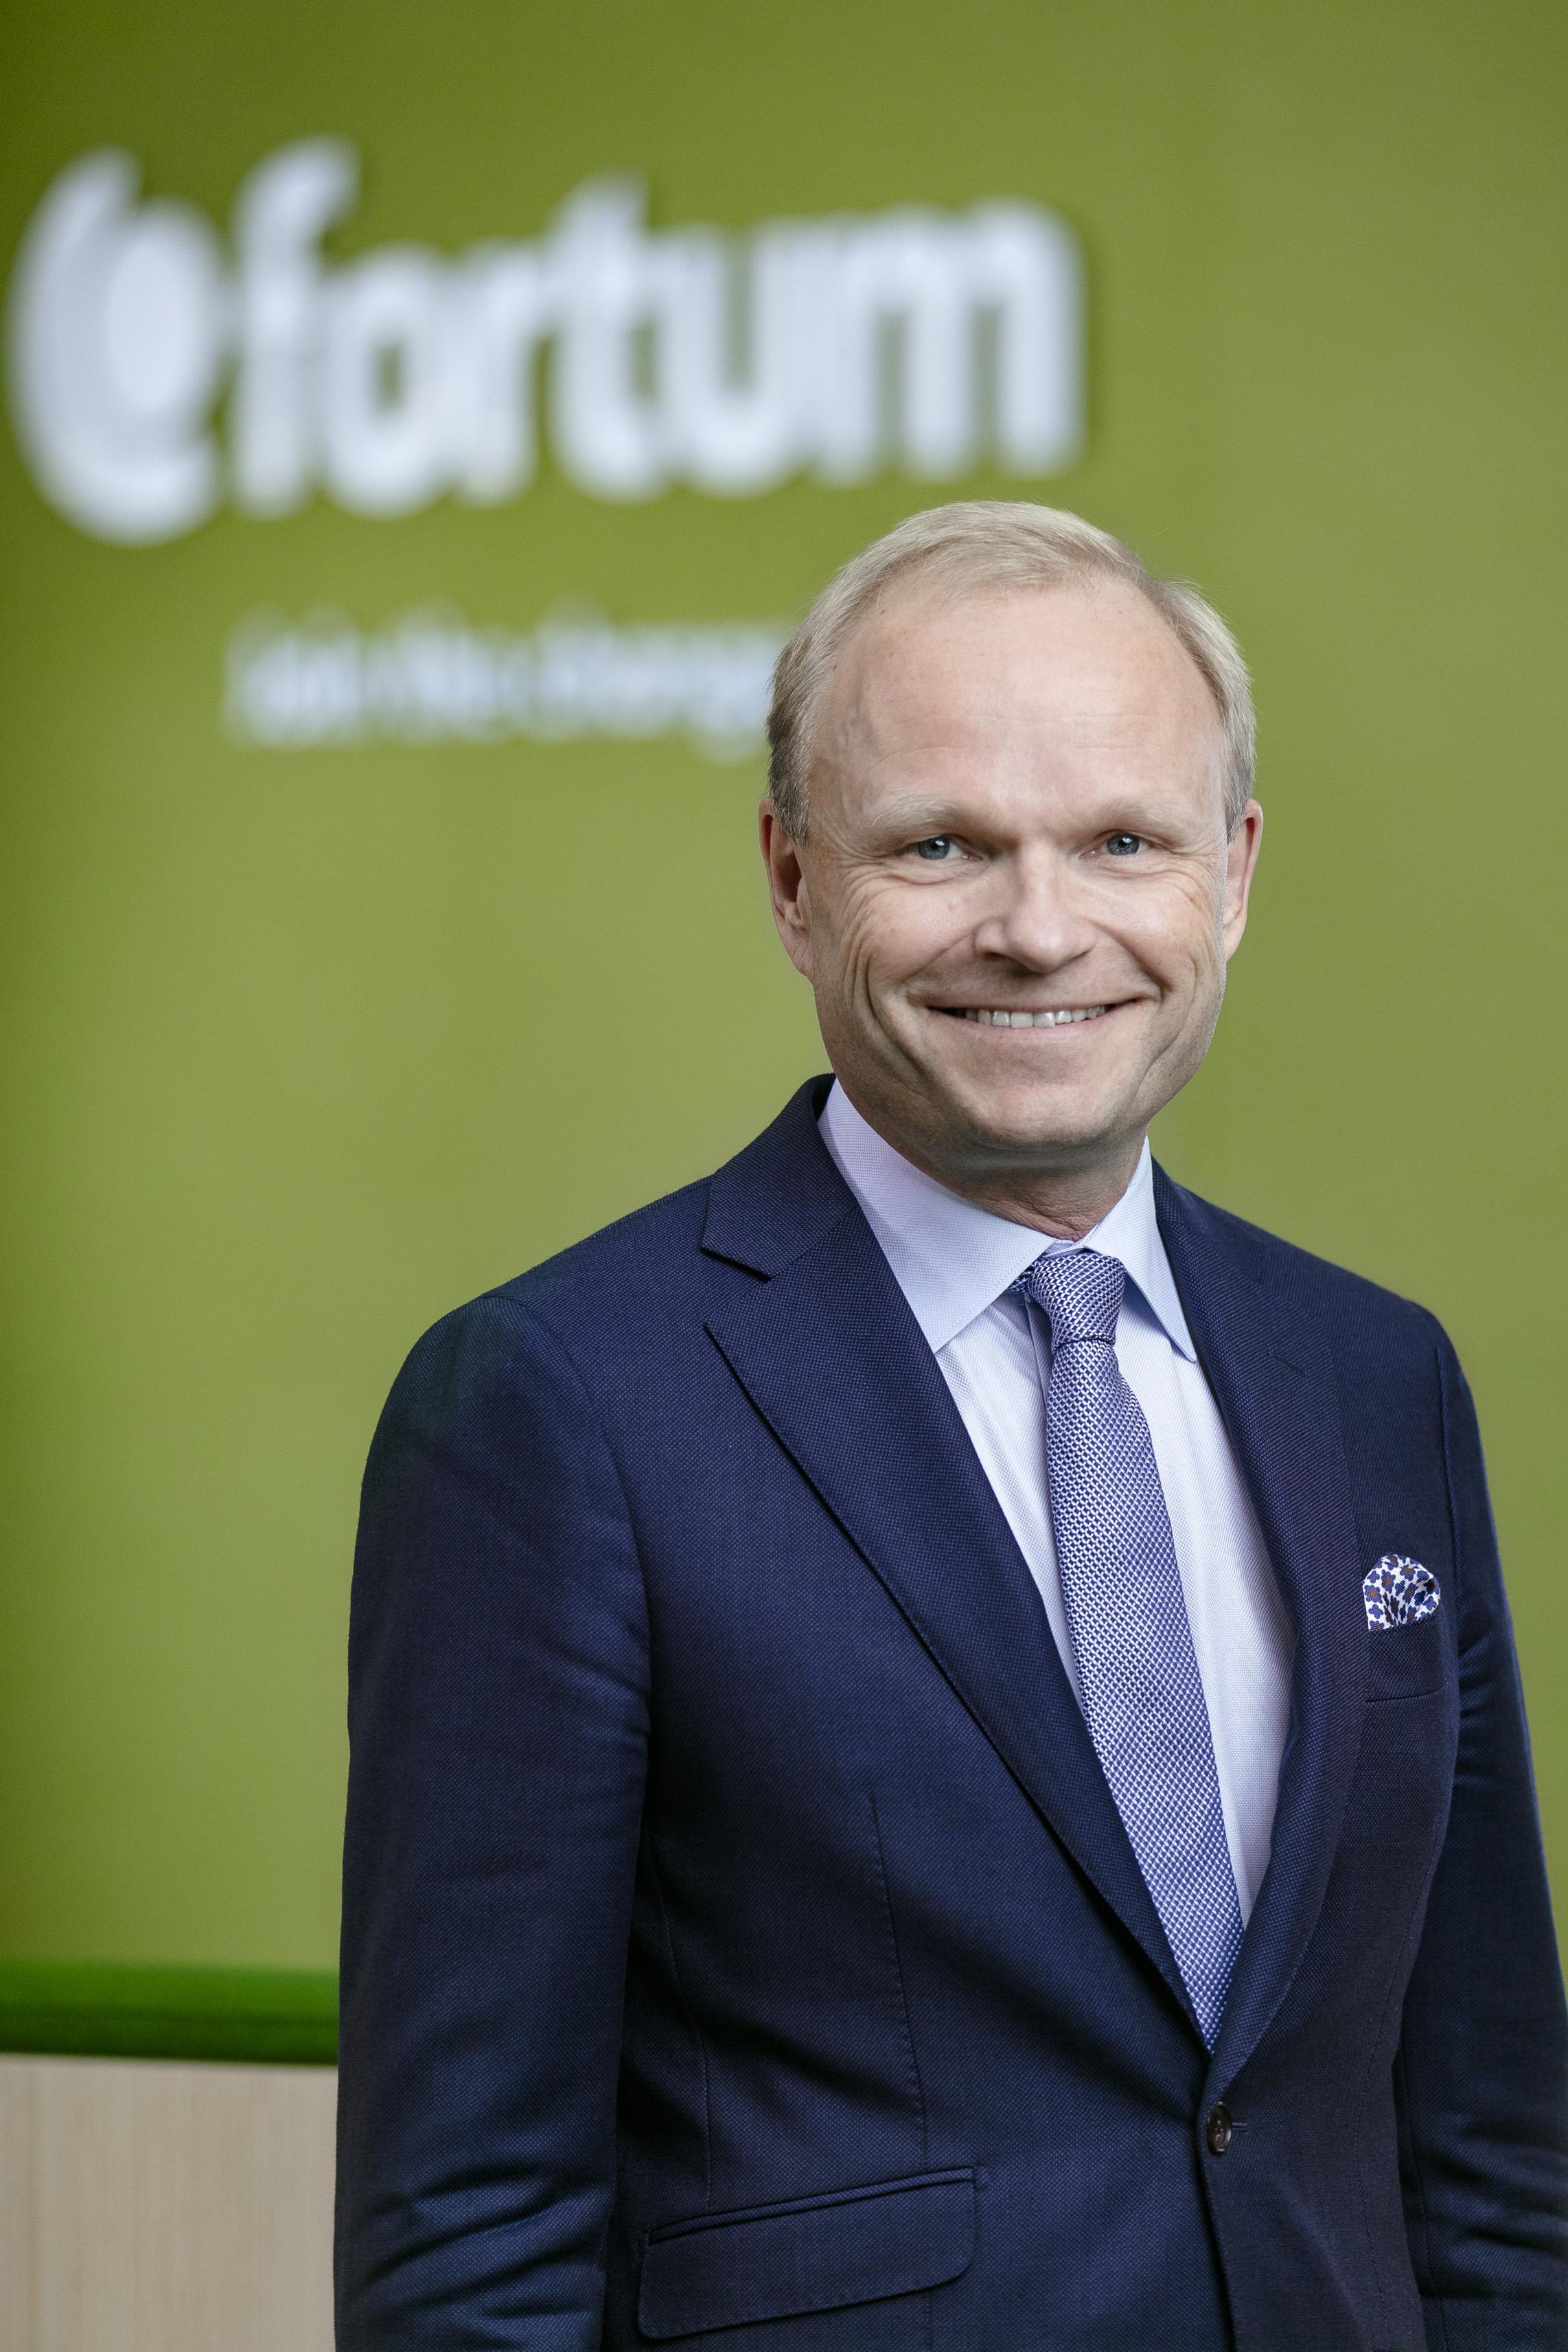 Pekka_Lundmark_002